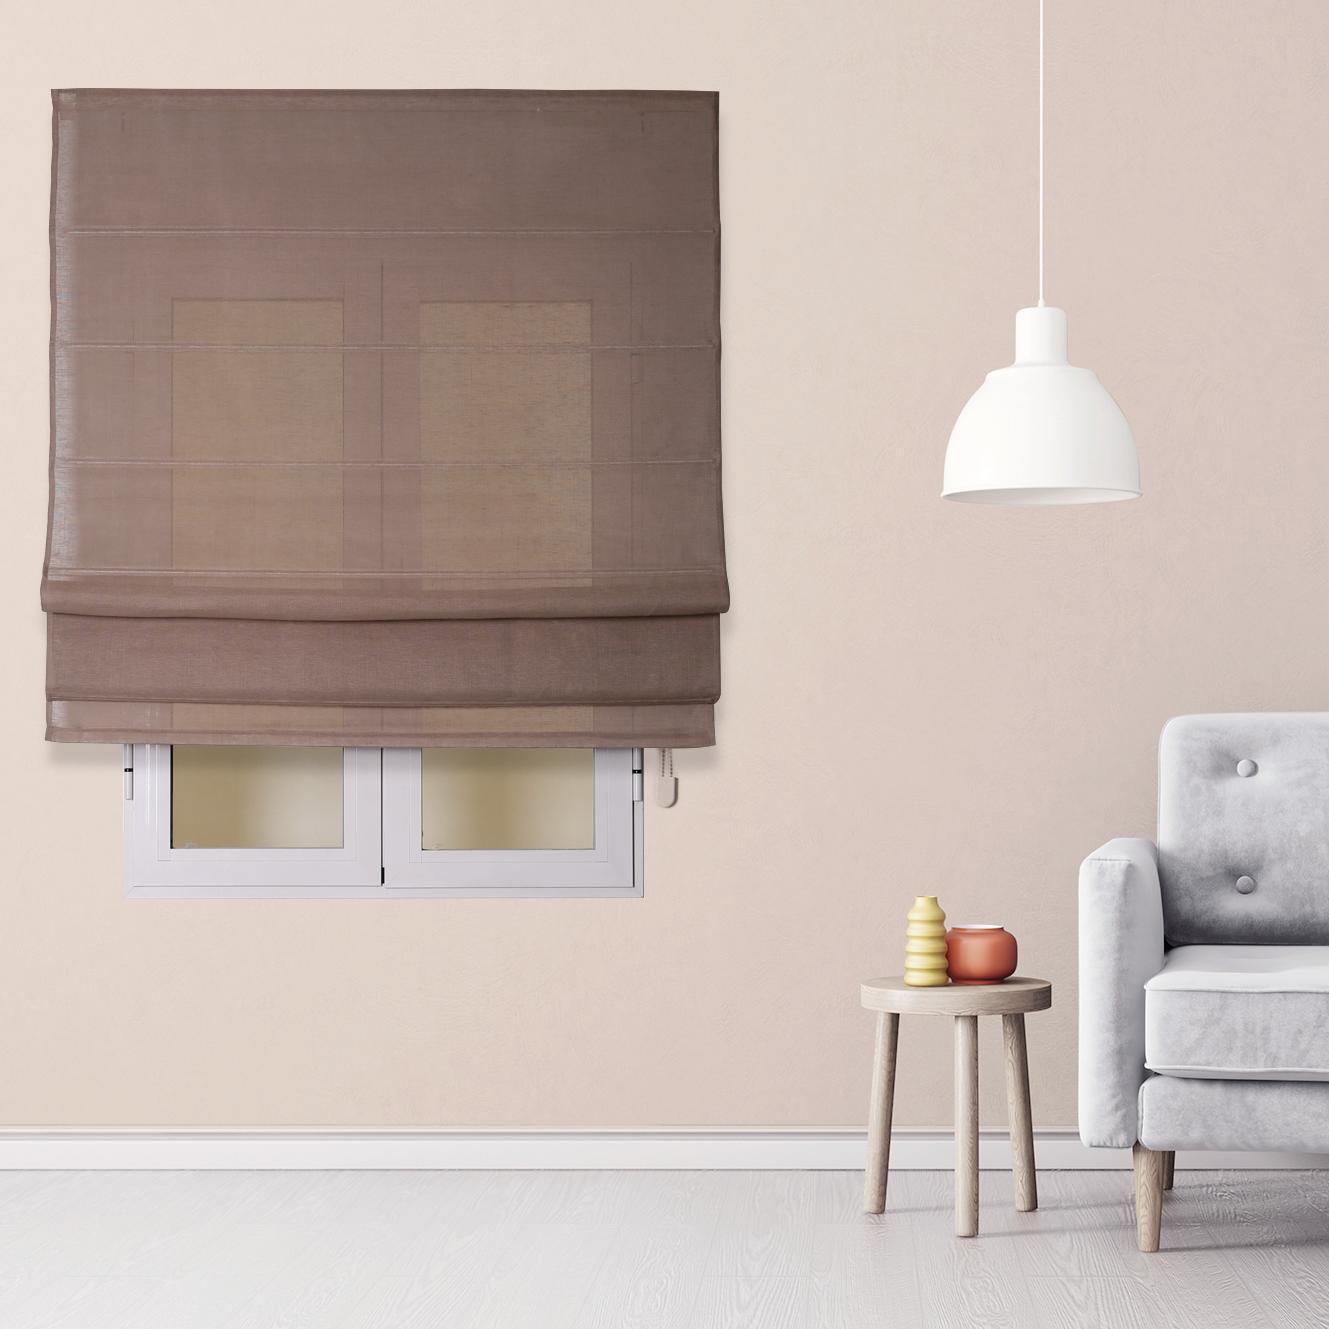 Tenda a pacchetto INSPIRE Vinci marrone 80x250 cm - 2